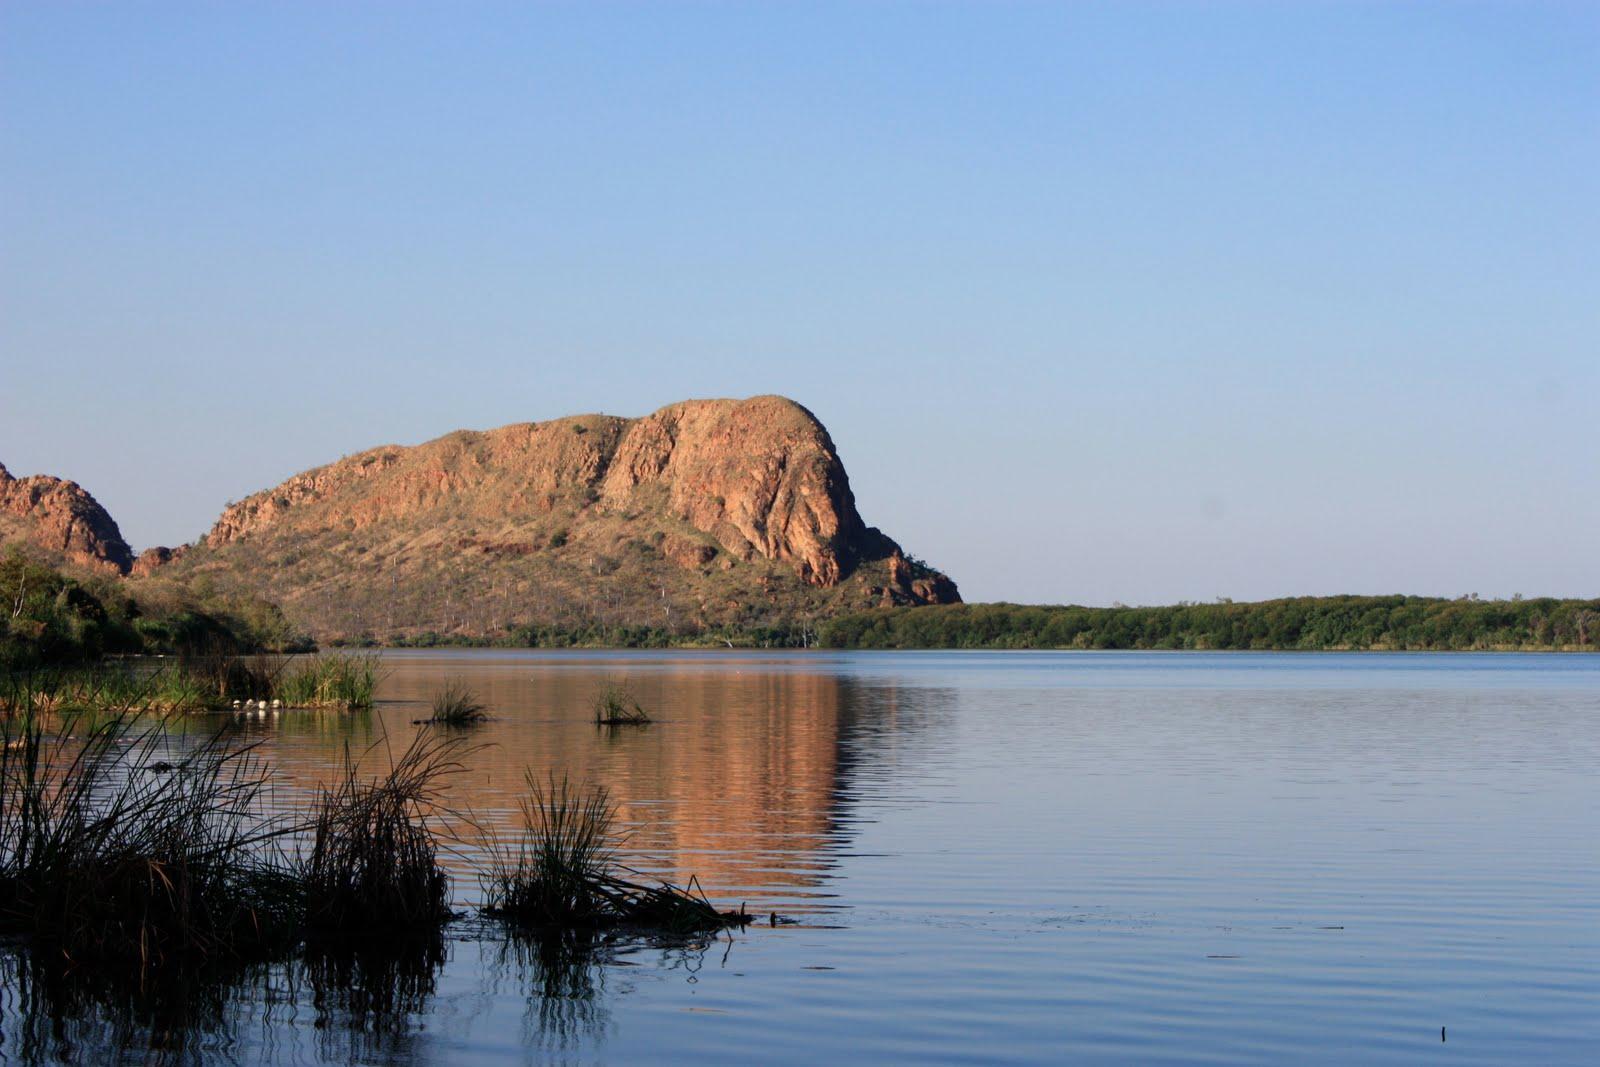 Kununurra Australia  city images : Durnins On Safari: Western Australia Kununurra Region